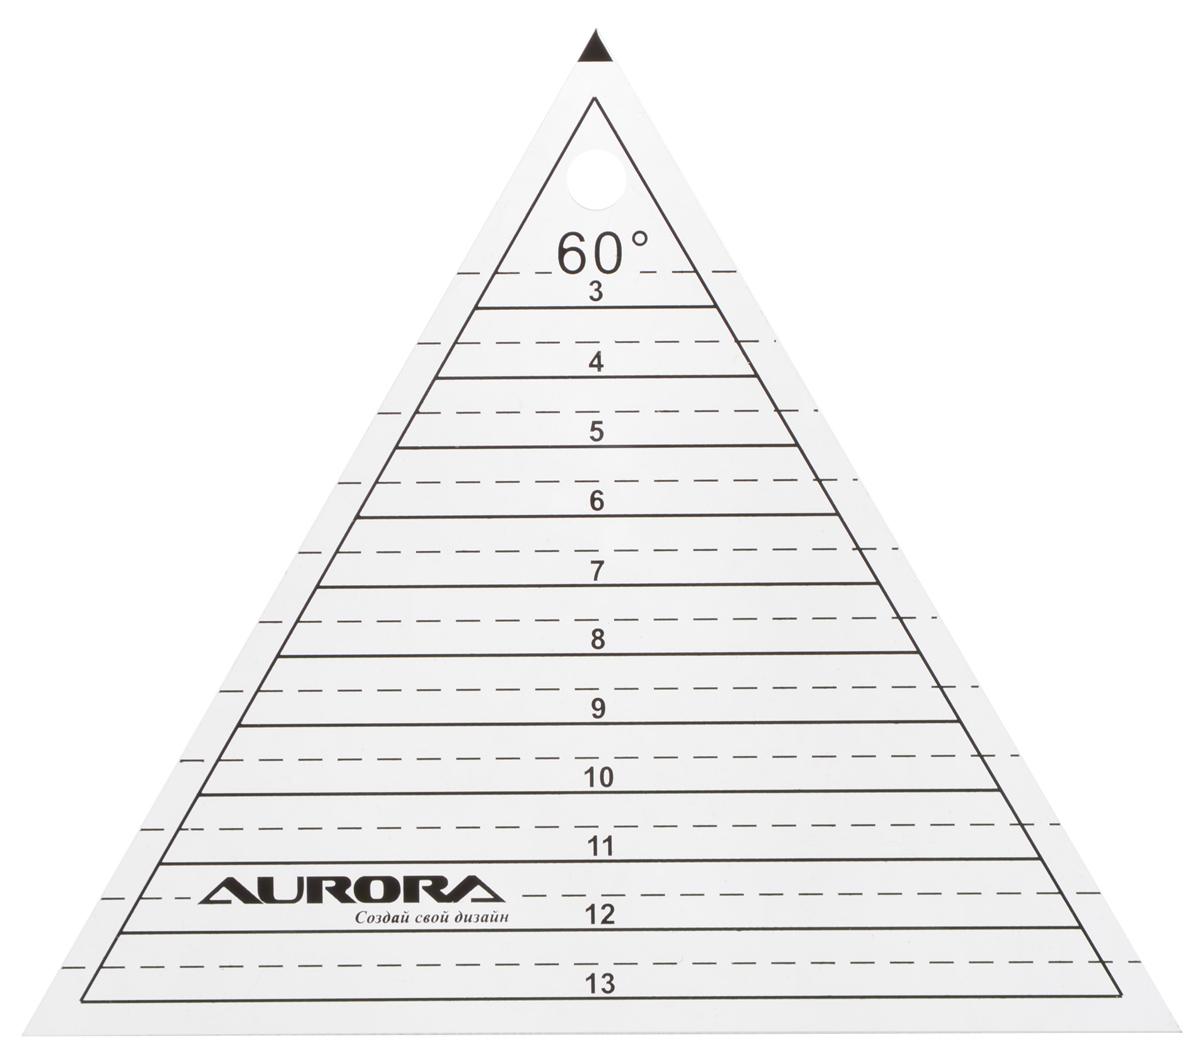 Линейка для пэчворка Aurora Треугольник, с углом 60°, 14,5 х 16,5 смAU-60Линейка для пэчворка Aurora Треугольник выполнена из высококачественного прозрачного пластика. Она предназначена для изготовления равносторонних треугольников с углом 60° и высотой от 3 до 13 см. Разметки на линейке выполнены из высокостойкой краски.